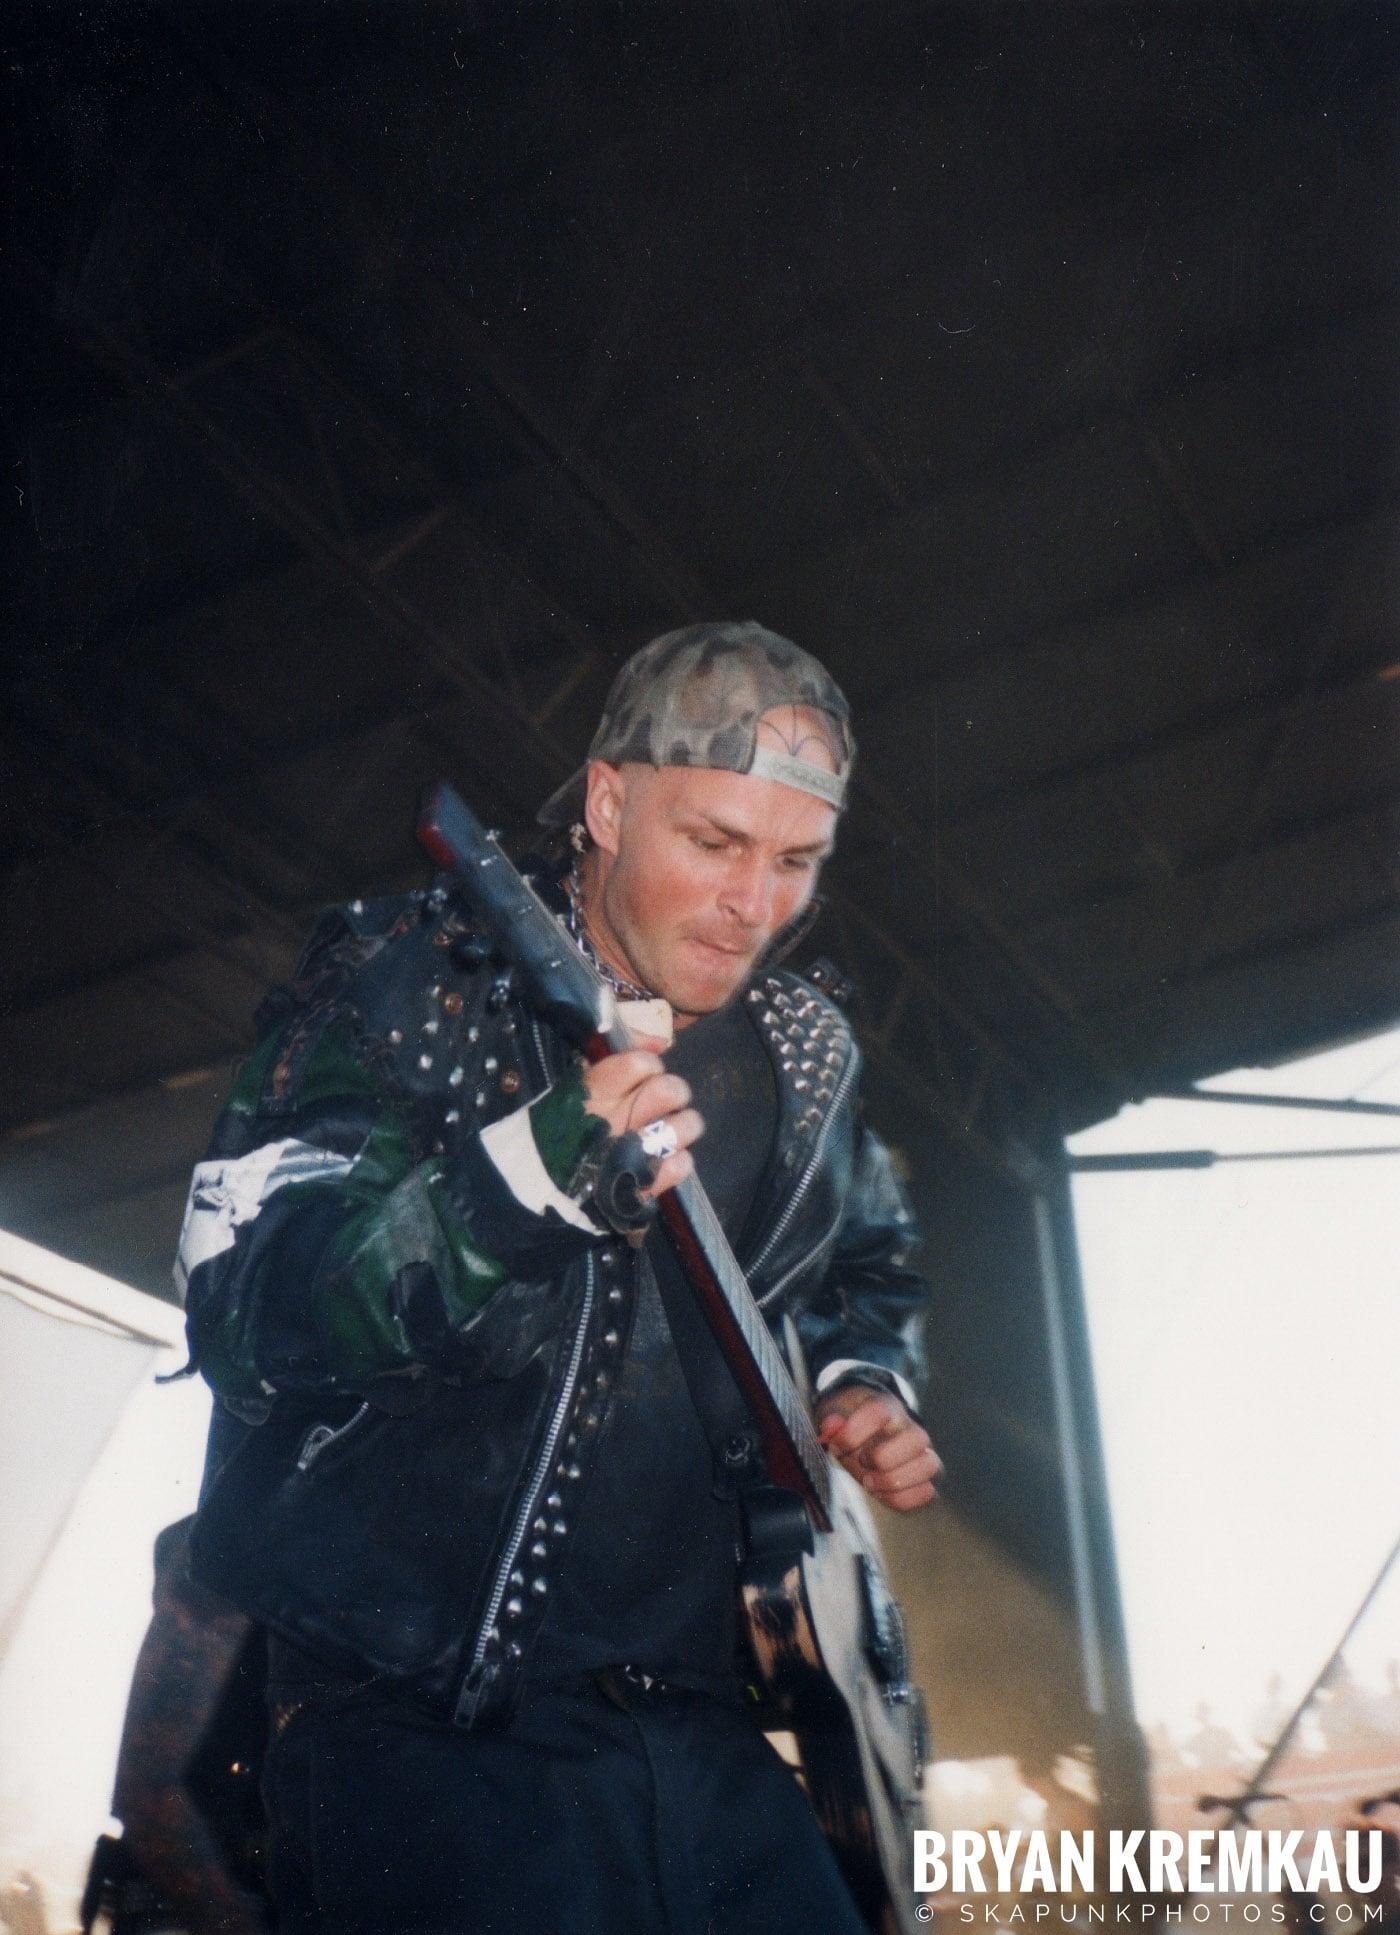 Rancid @ Vans Warped Tour, Randall's Island, NYC - 8.1.98 (13)